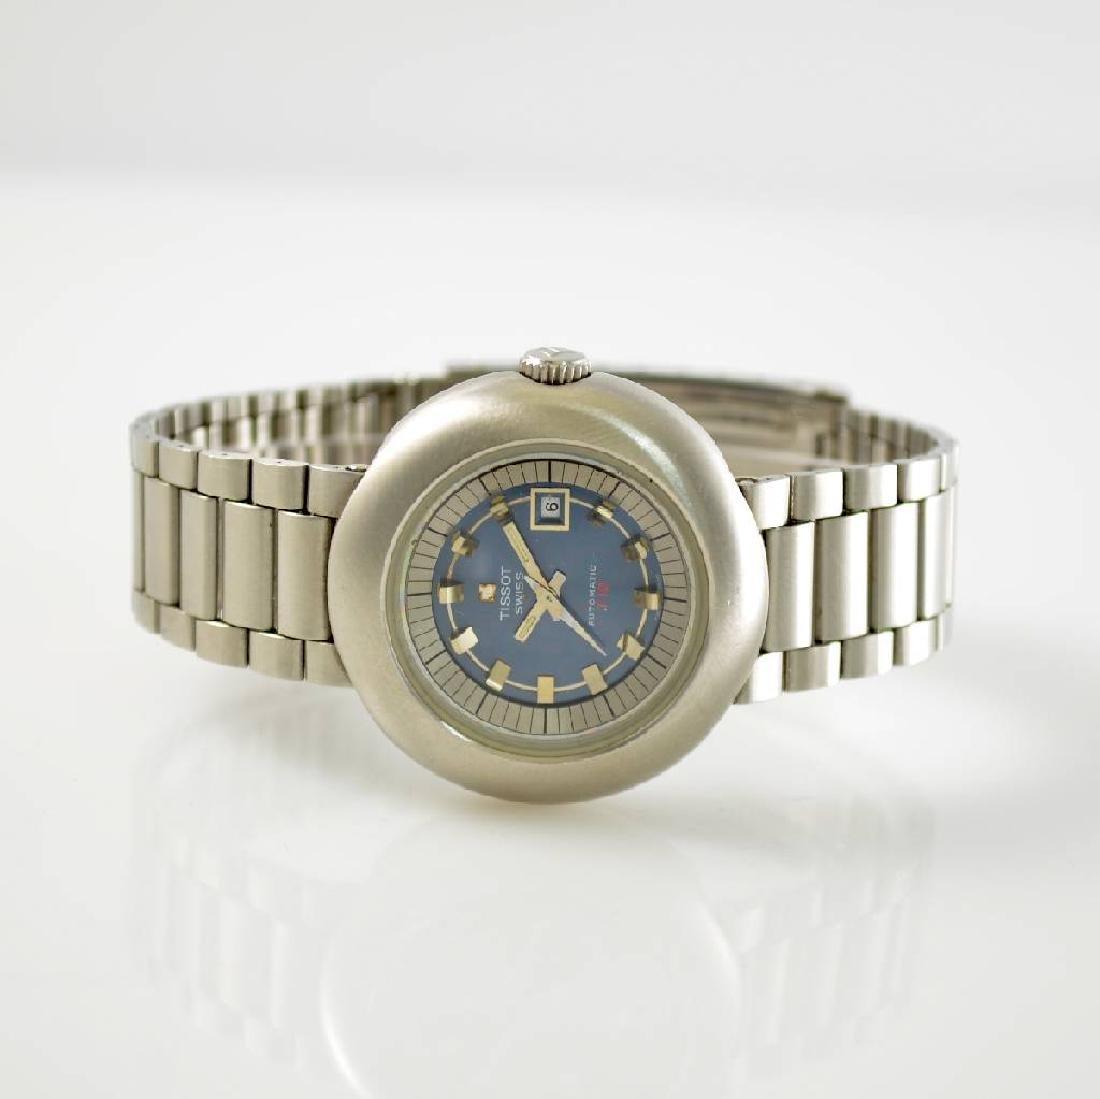 TISSOT T12 wristwatch, Switzerland around 1972